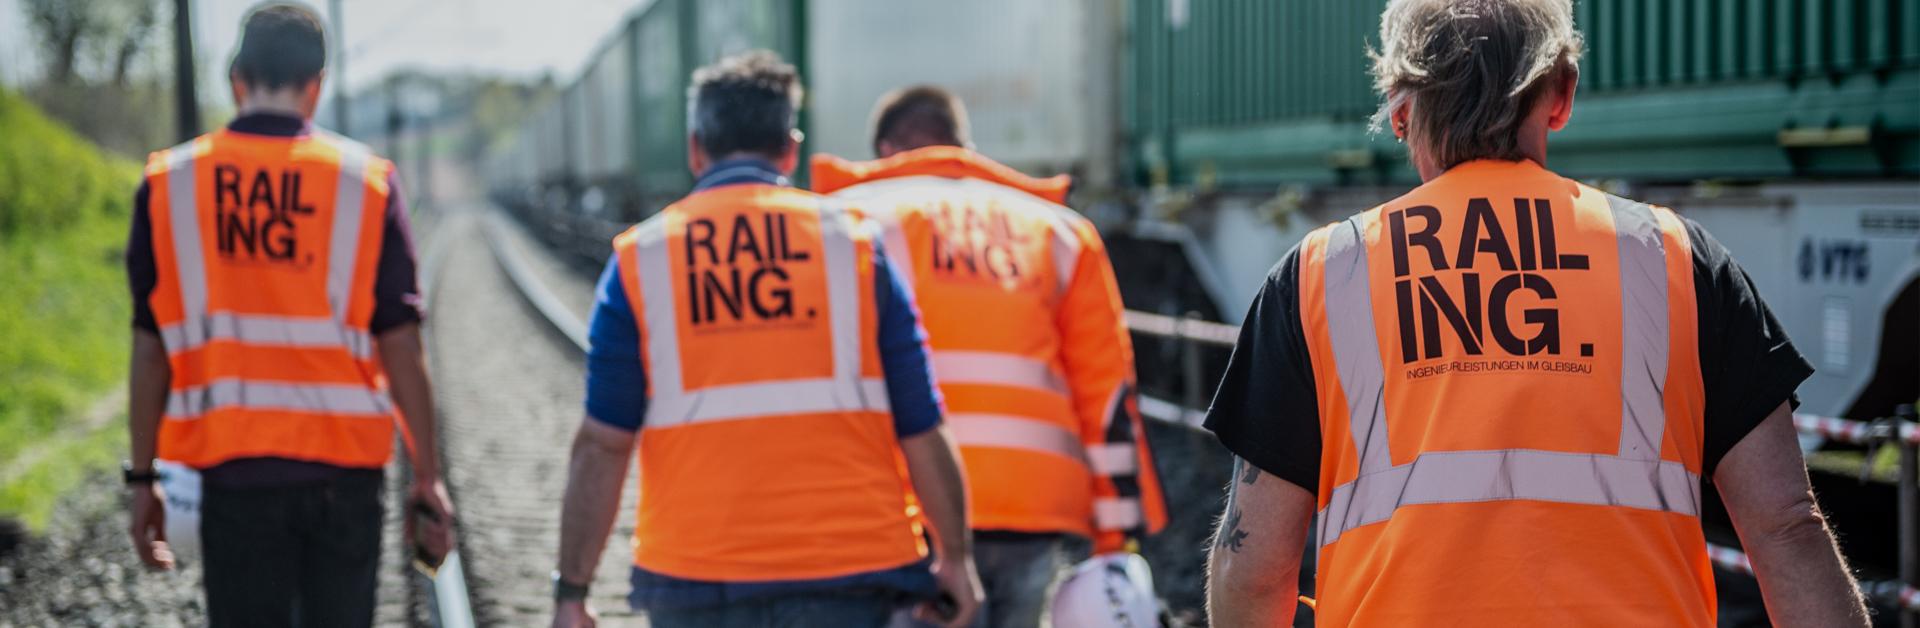 railing-bahntechnik-ingenieure-wuerzburg